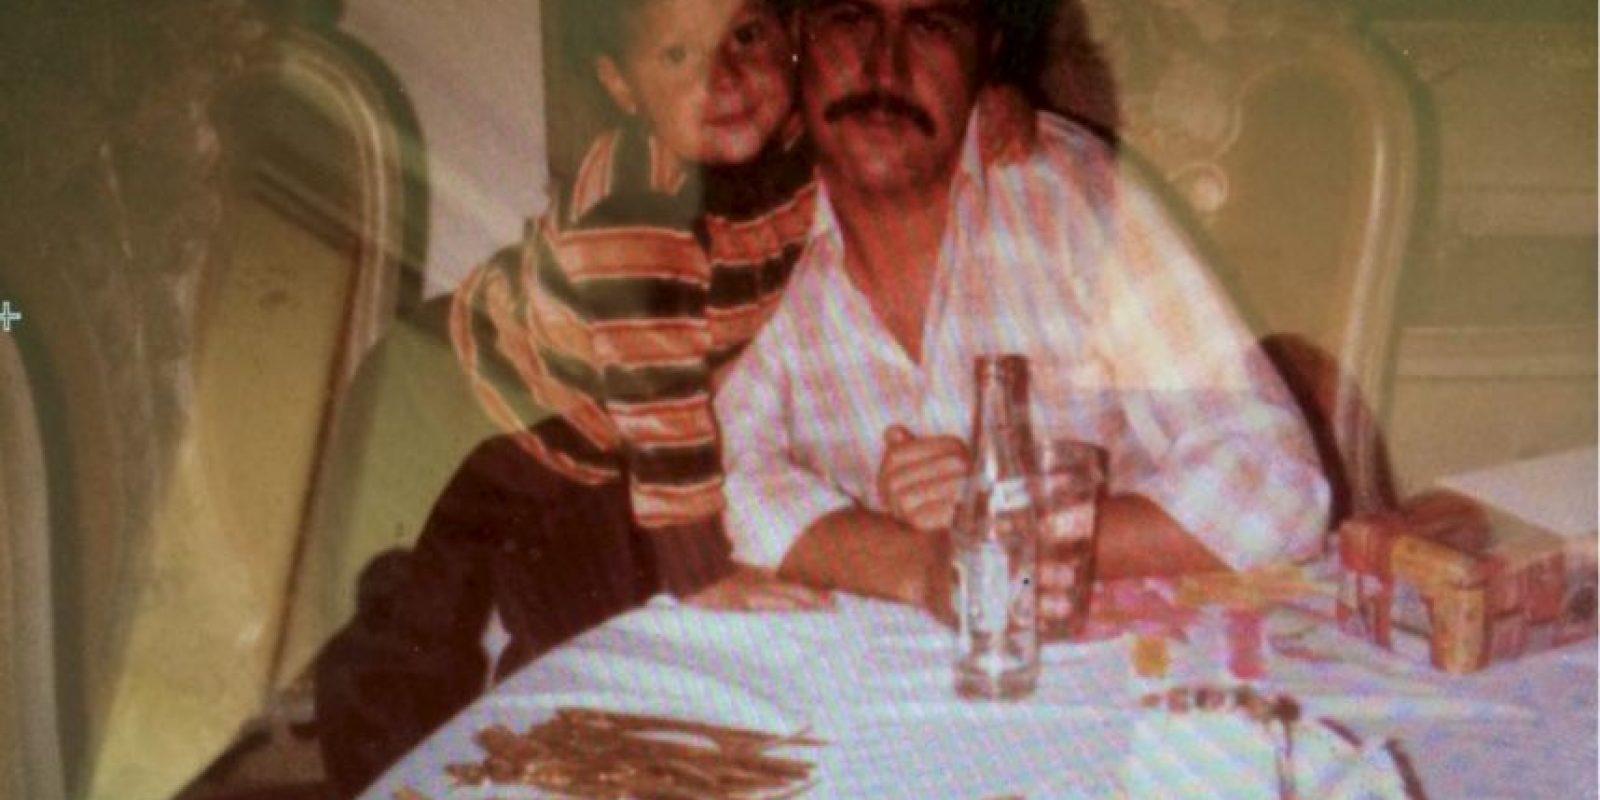 """Escobar era conocido, antes de su muerte a la edad de 44 años, como """"El rey de la cocaína"""" para las autoridades. Foto:Vía Facebook.com/JuanPabloEscobarHenao"""